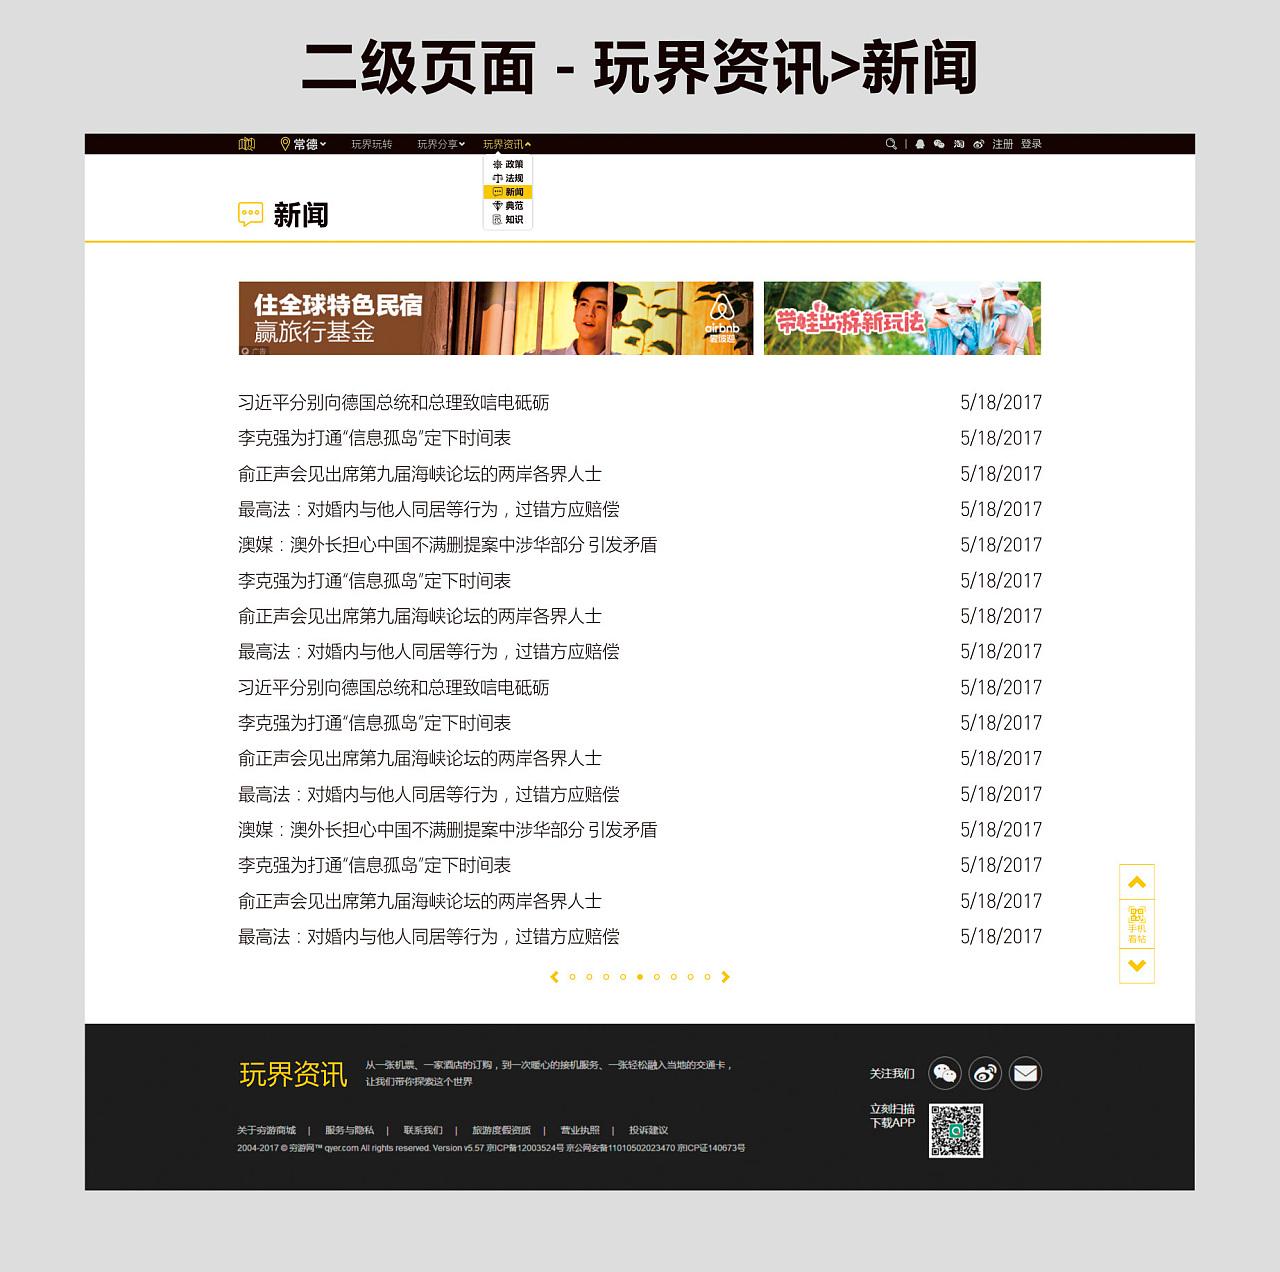 玩界网页设计预览方案舞台设计晚会图片